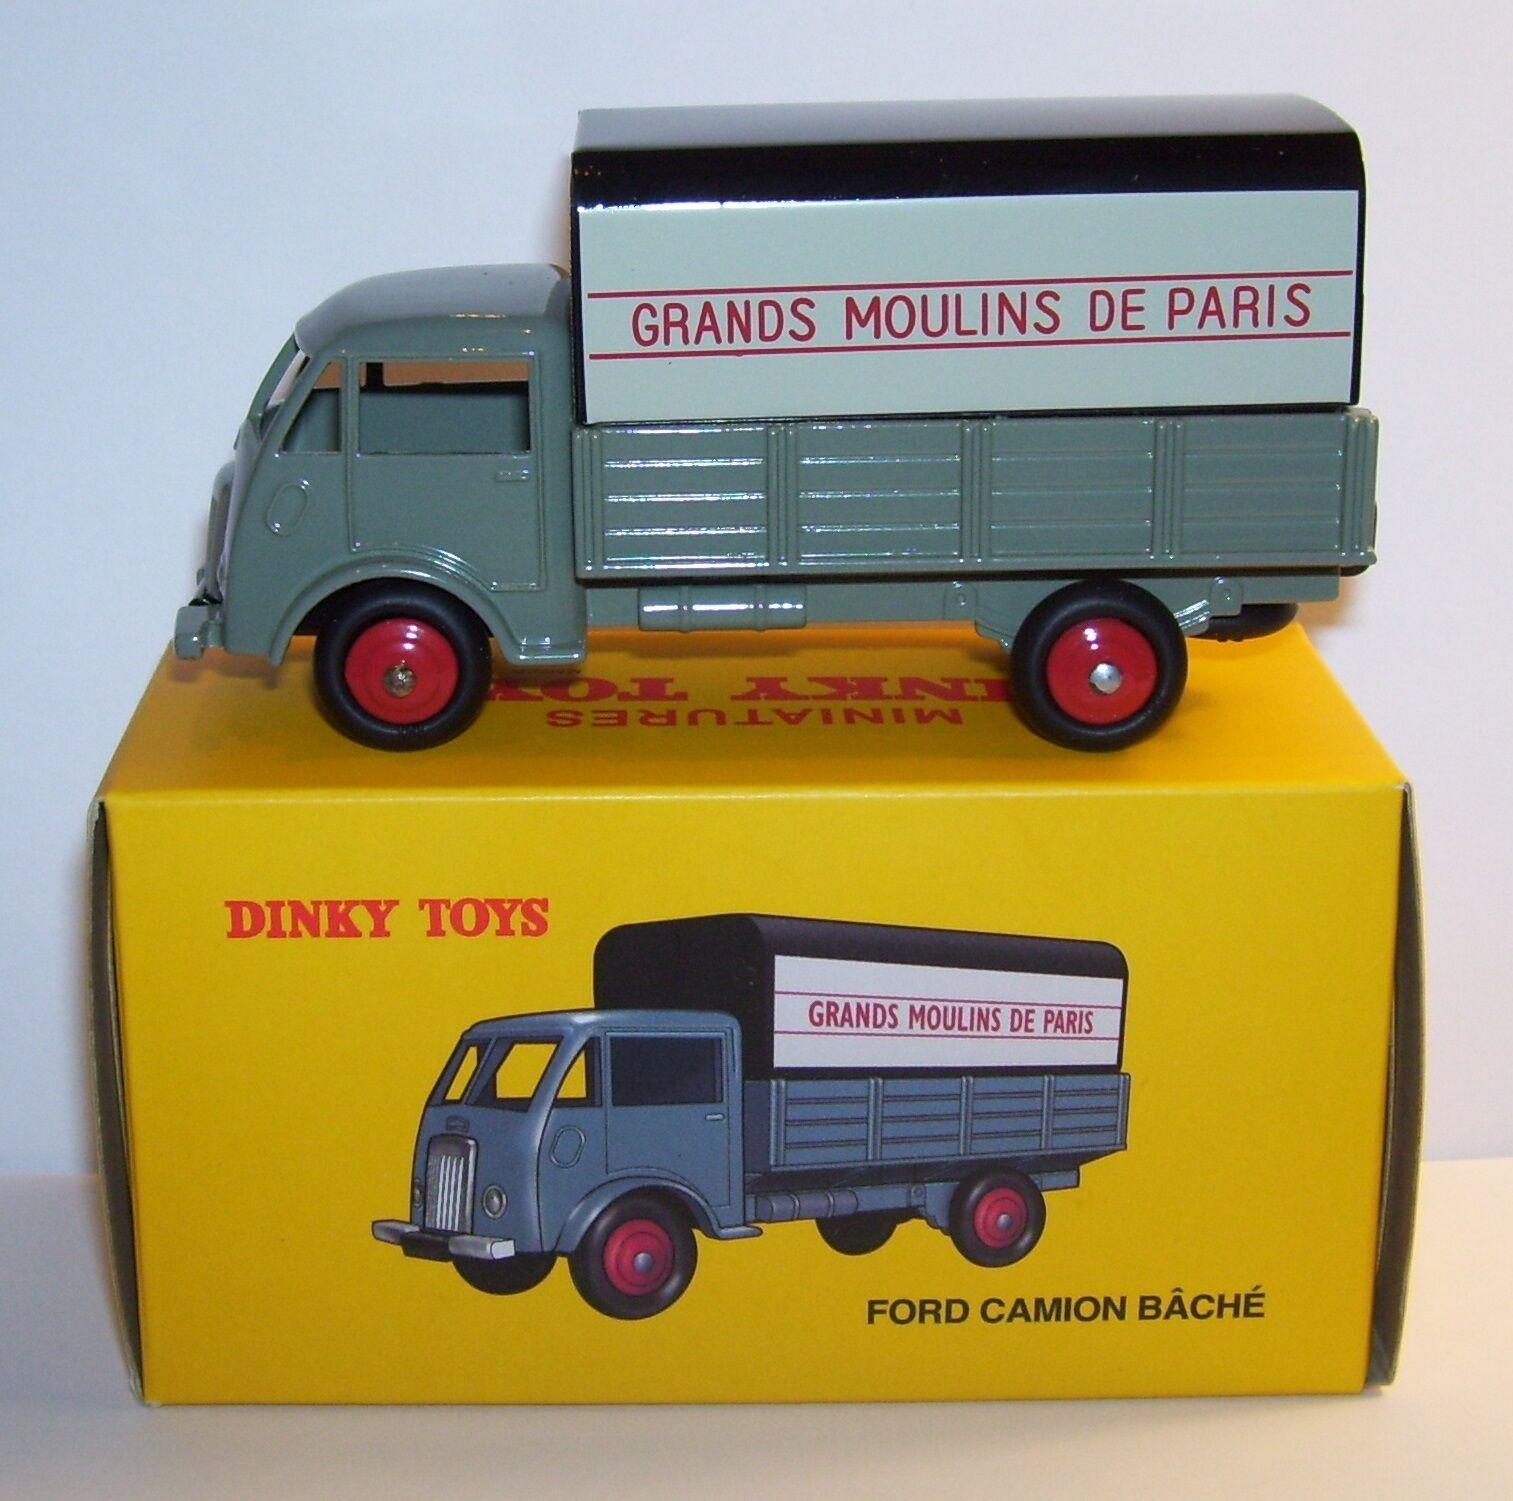 DINKY TOYS ATLAS FORD CAMION BACHE GRANDS MOULINS DE PARIS REF 25JV 1 58 BOX b